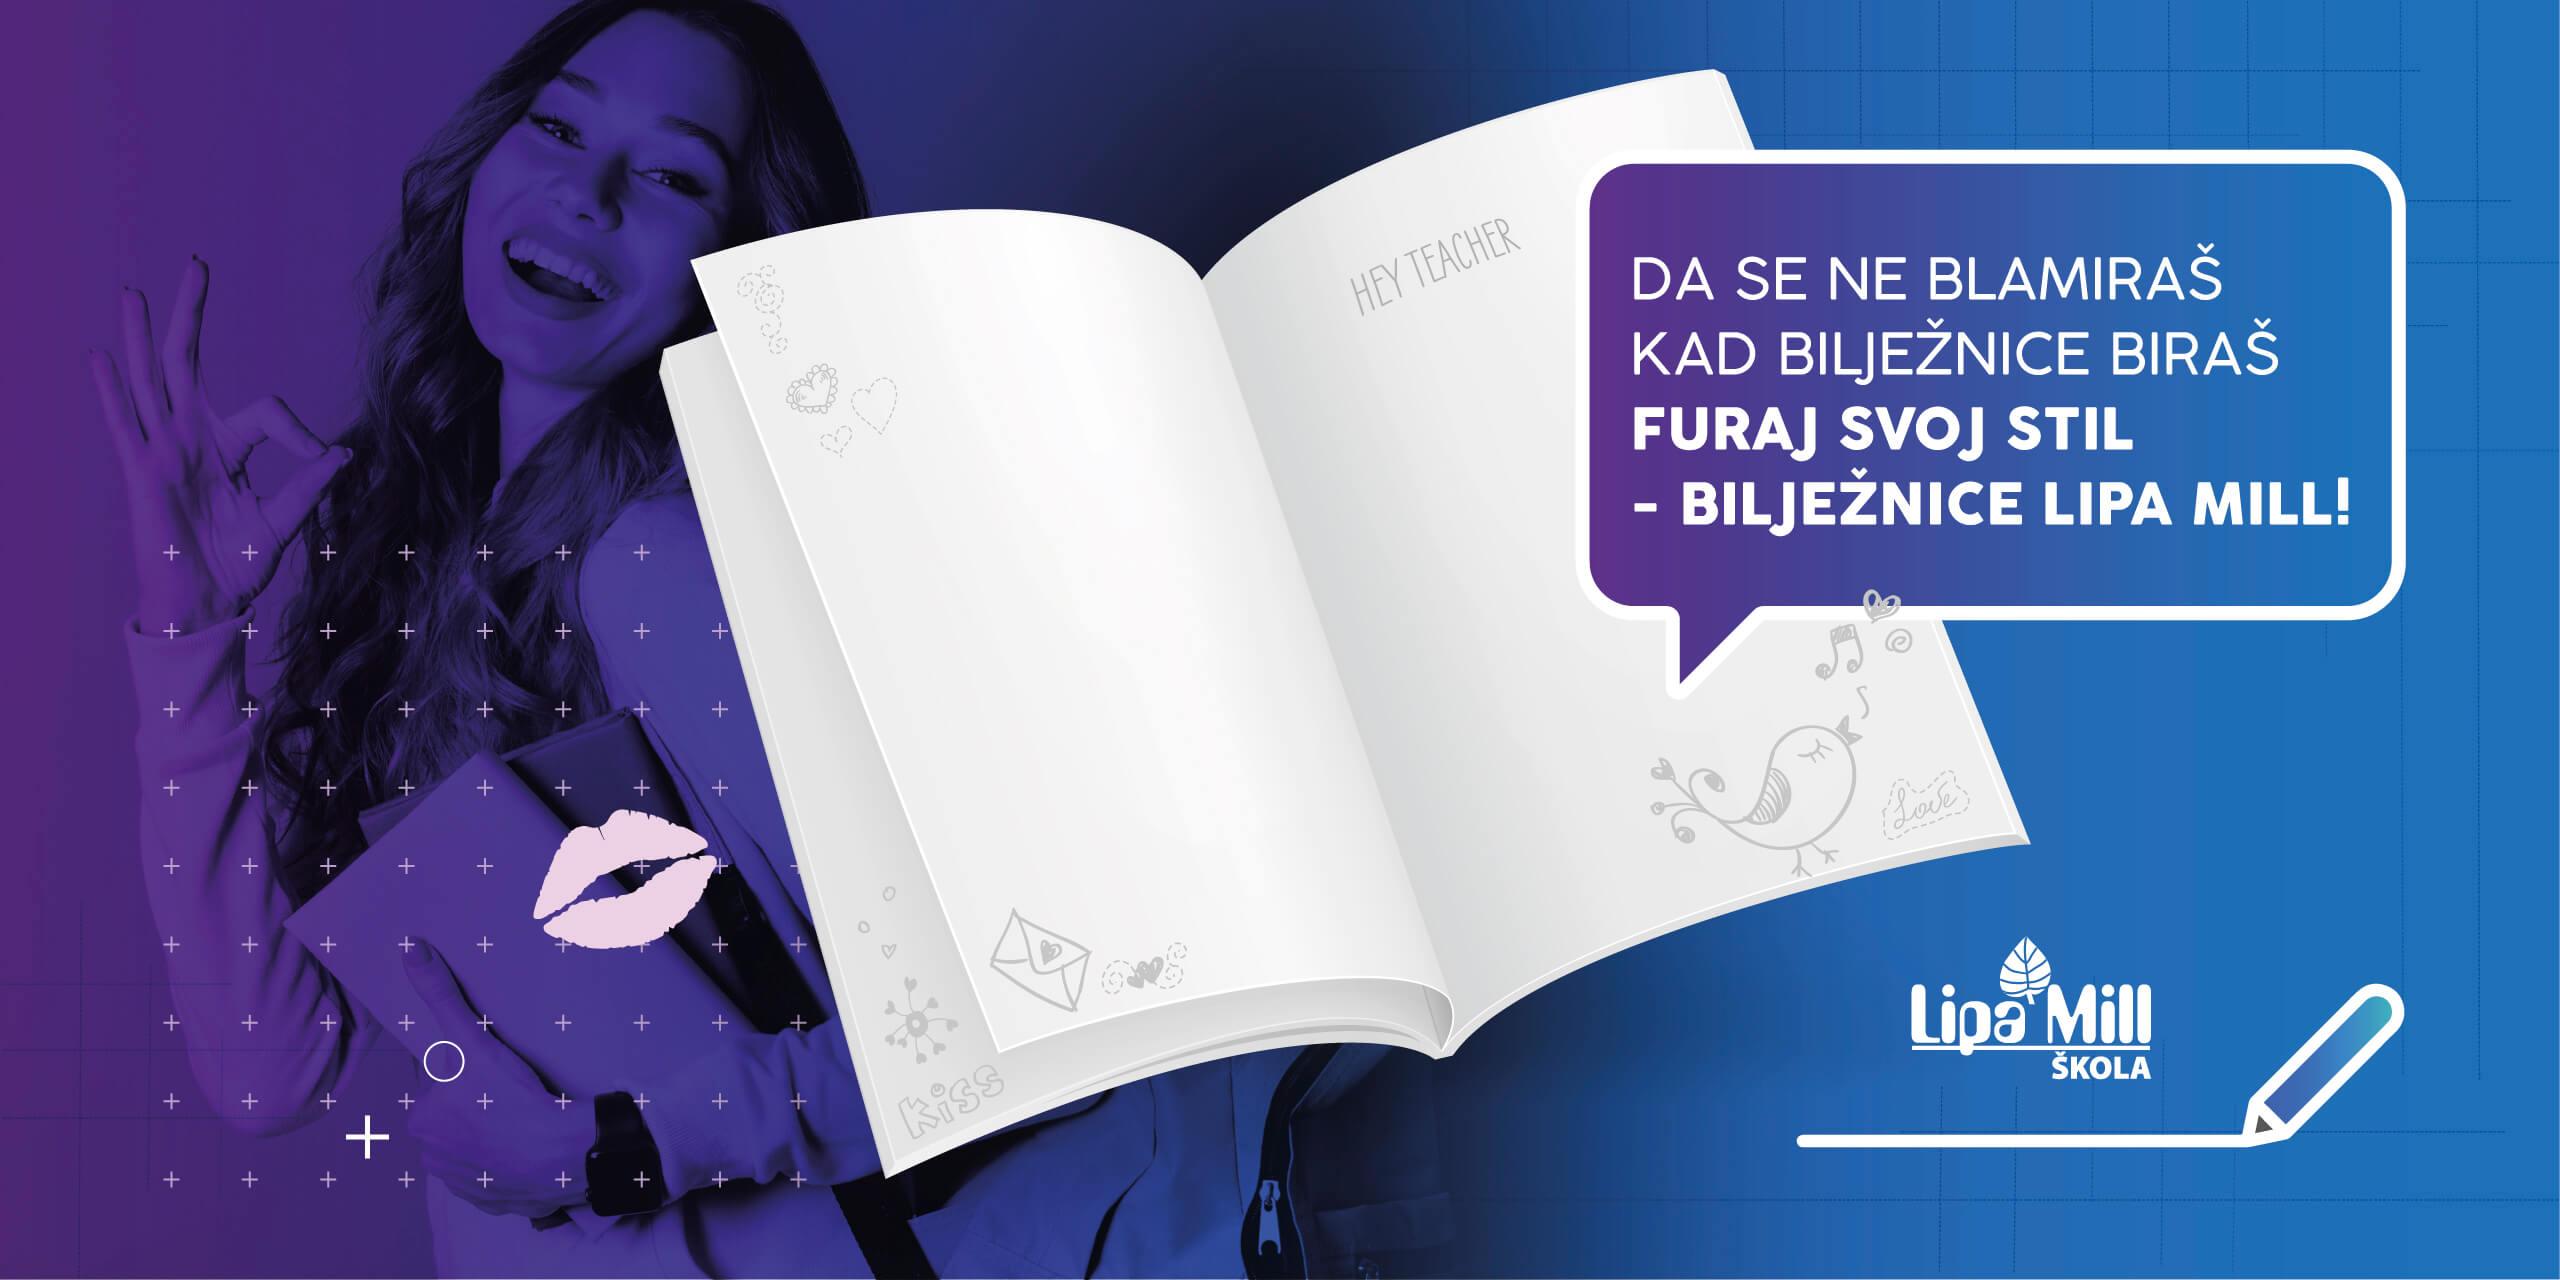 #furajsvojstil